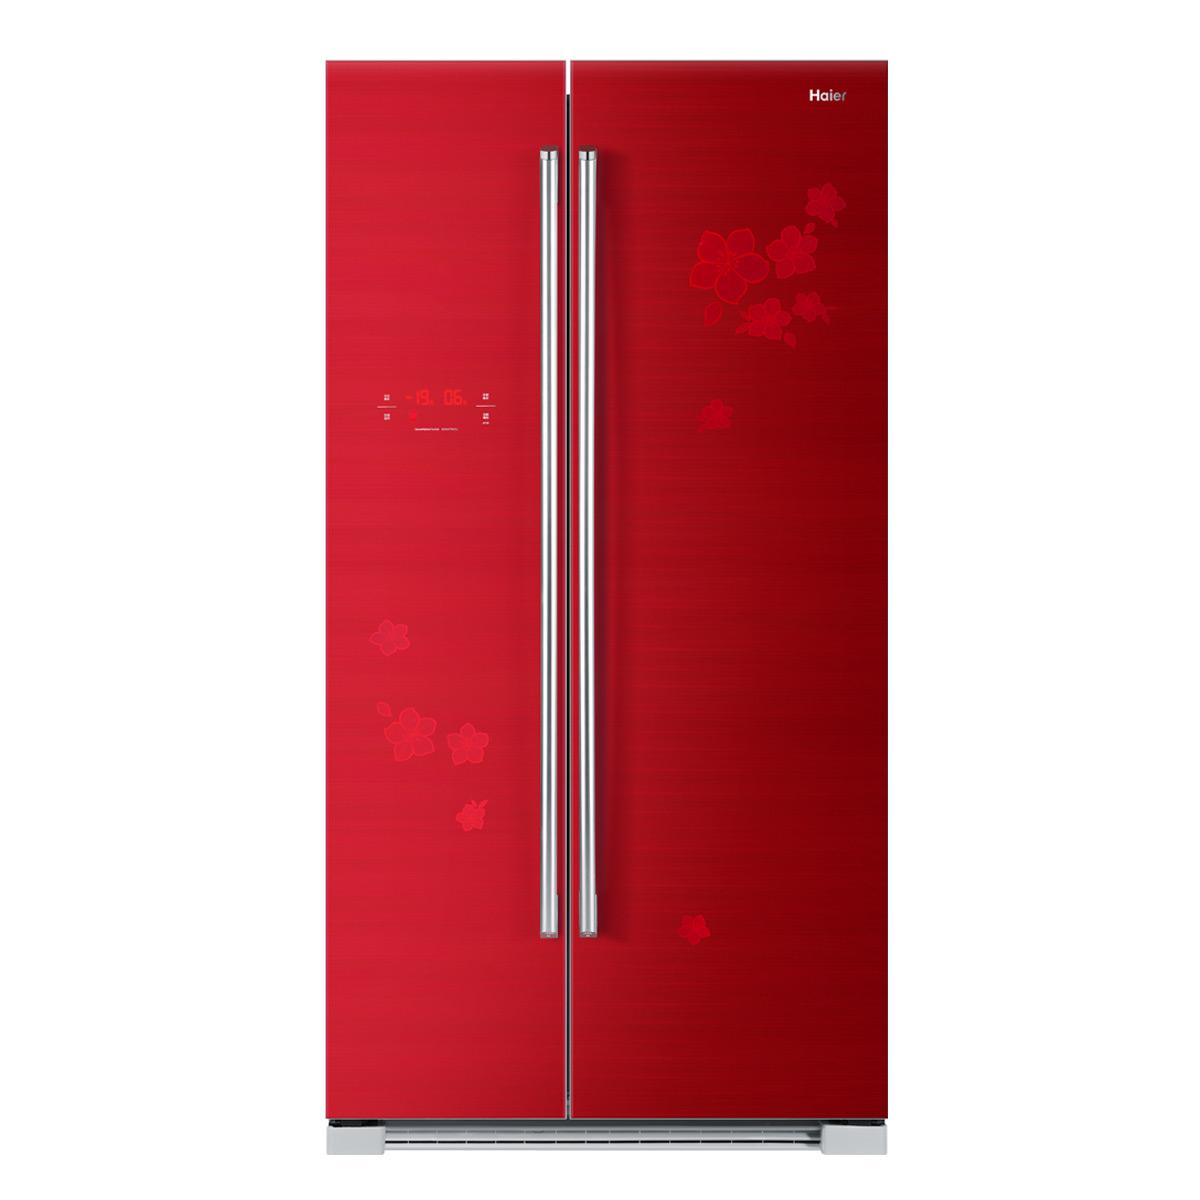 海尔Haier冰箱 BCD-649WACR 说明书